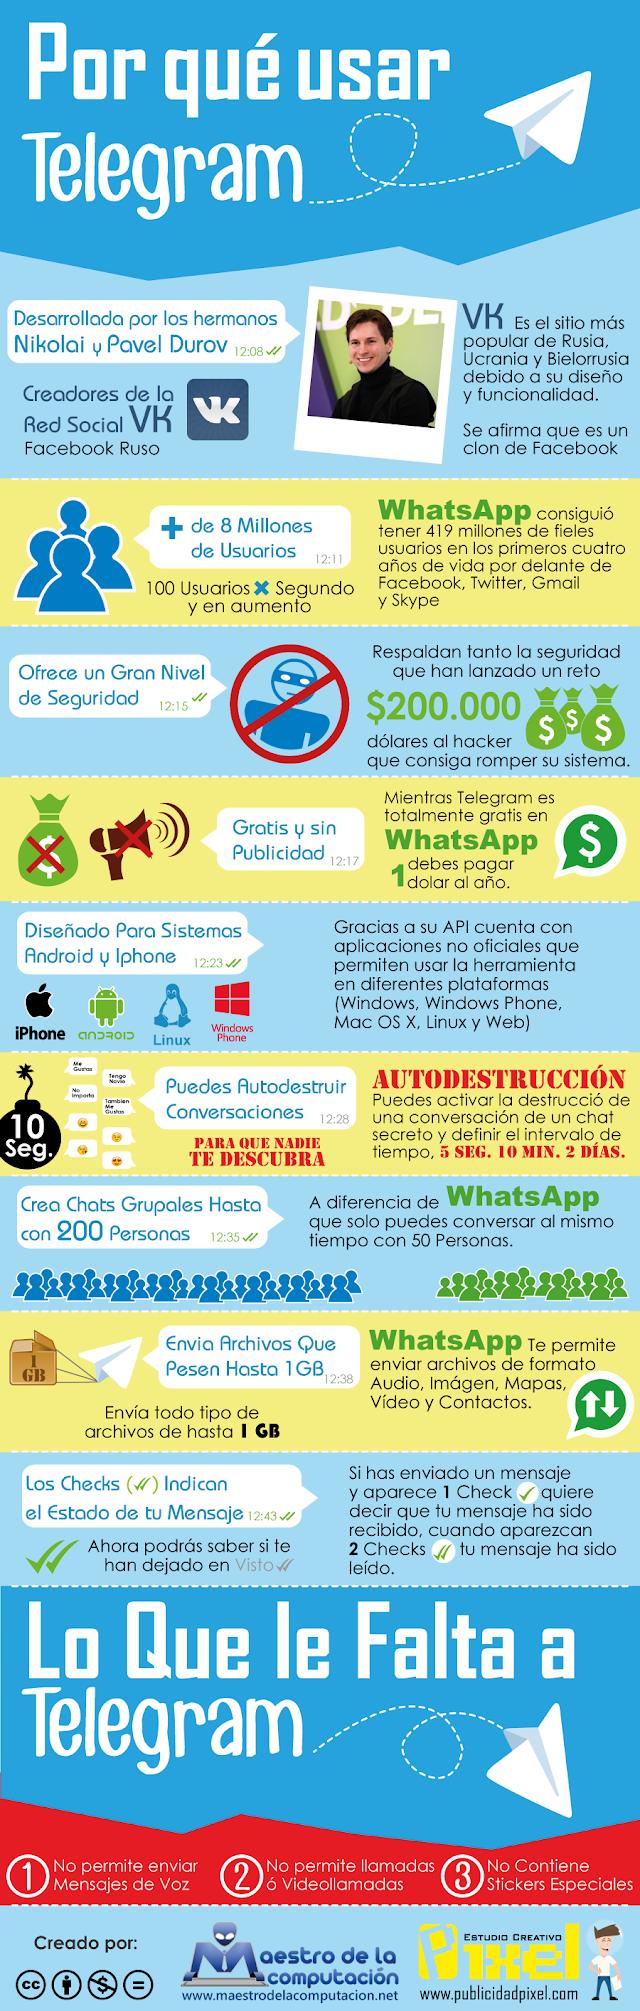 Por qué usar Telegram (Infografía)